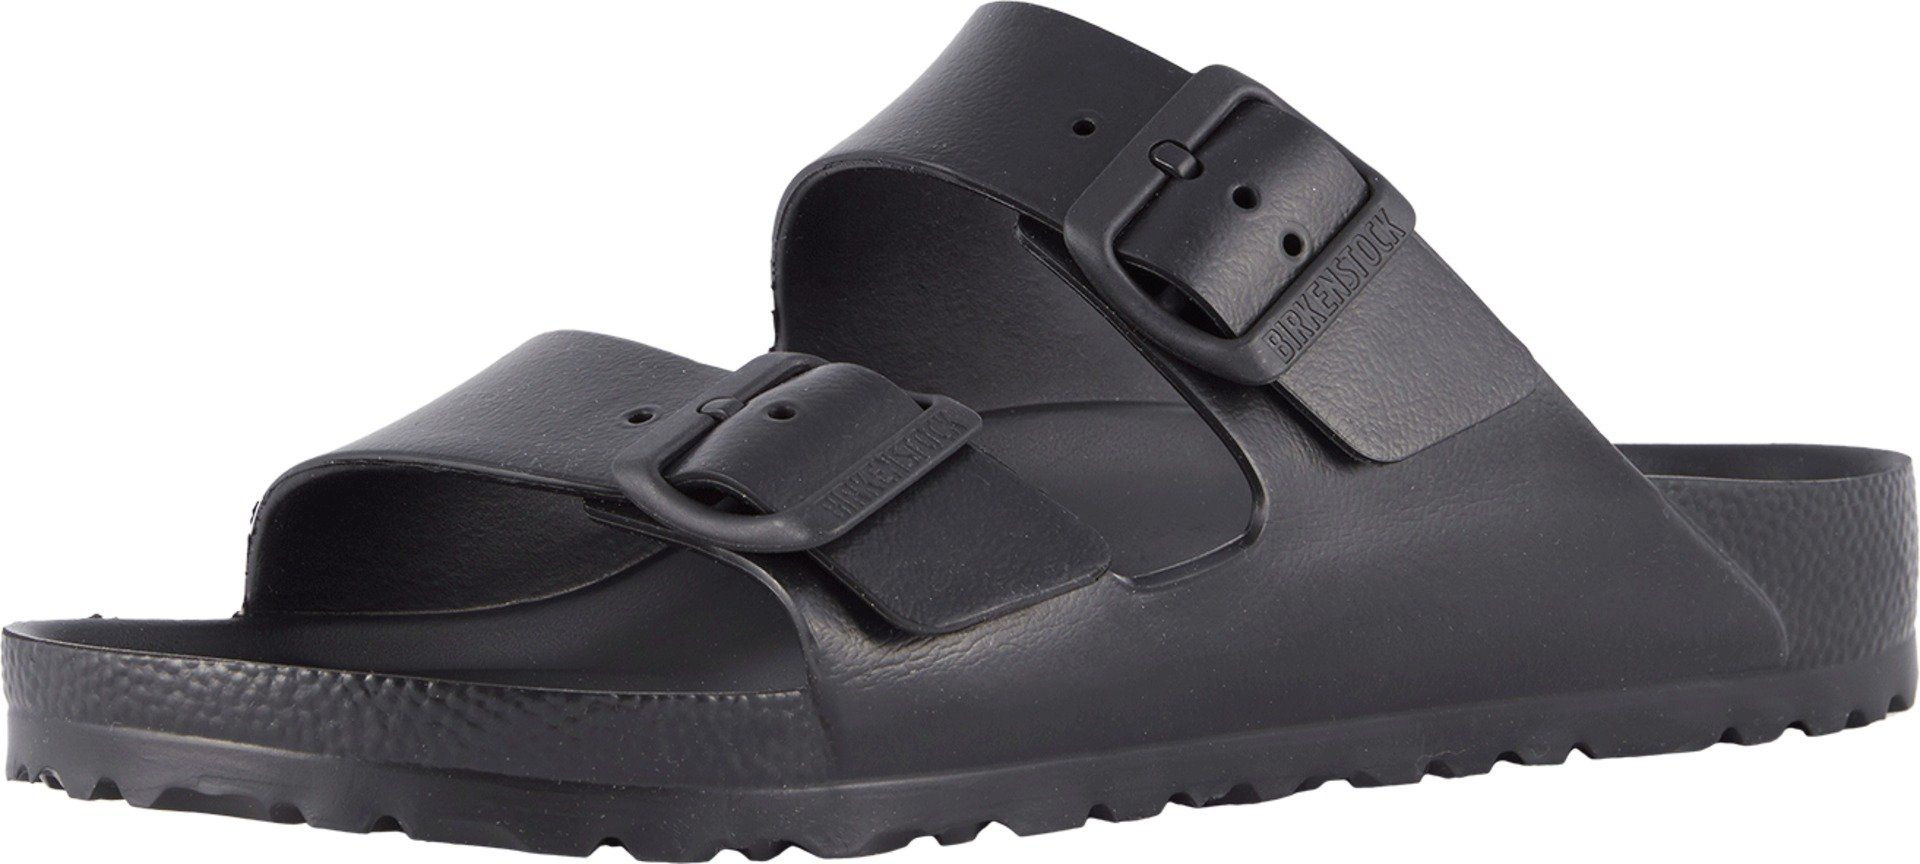 Birkenstock Unisex Arizona Essentials EVA Black Sandals - 38 N by Birkenstock